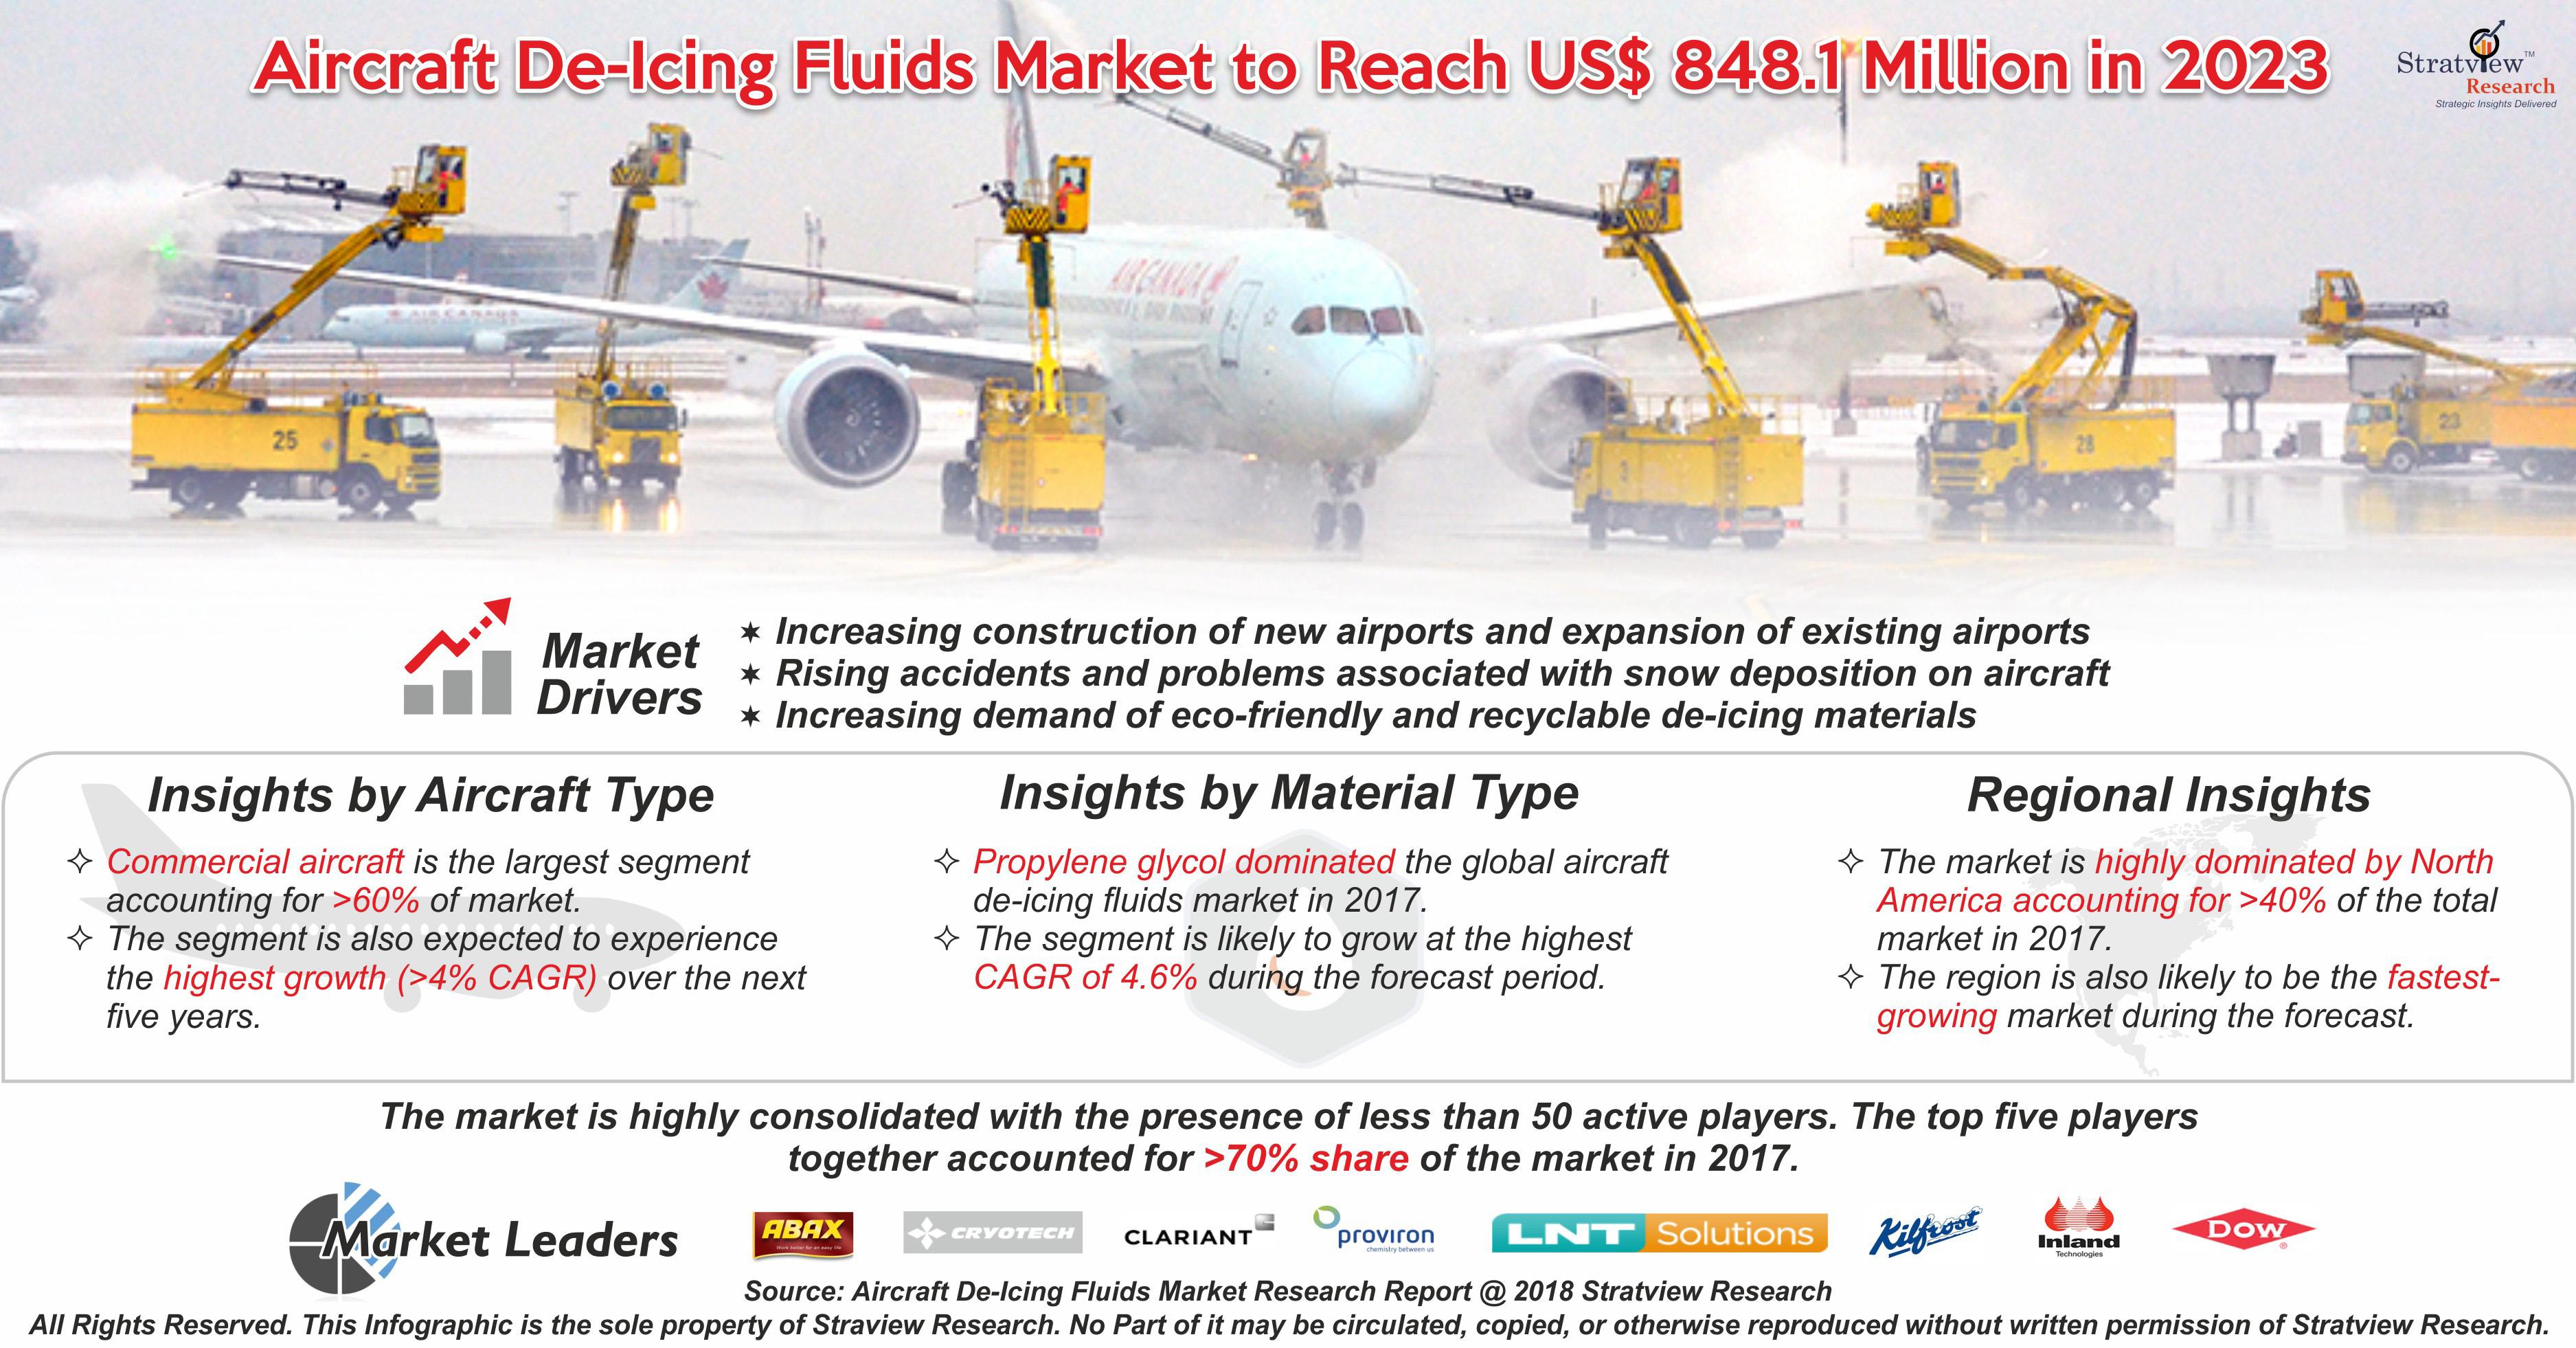 Aircraft De-icing Fluids Market